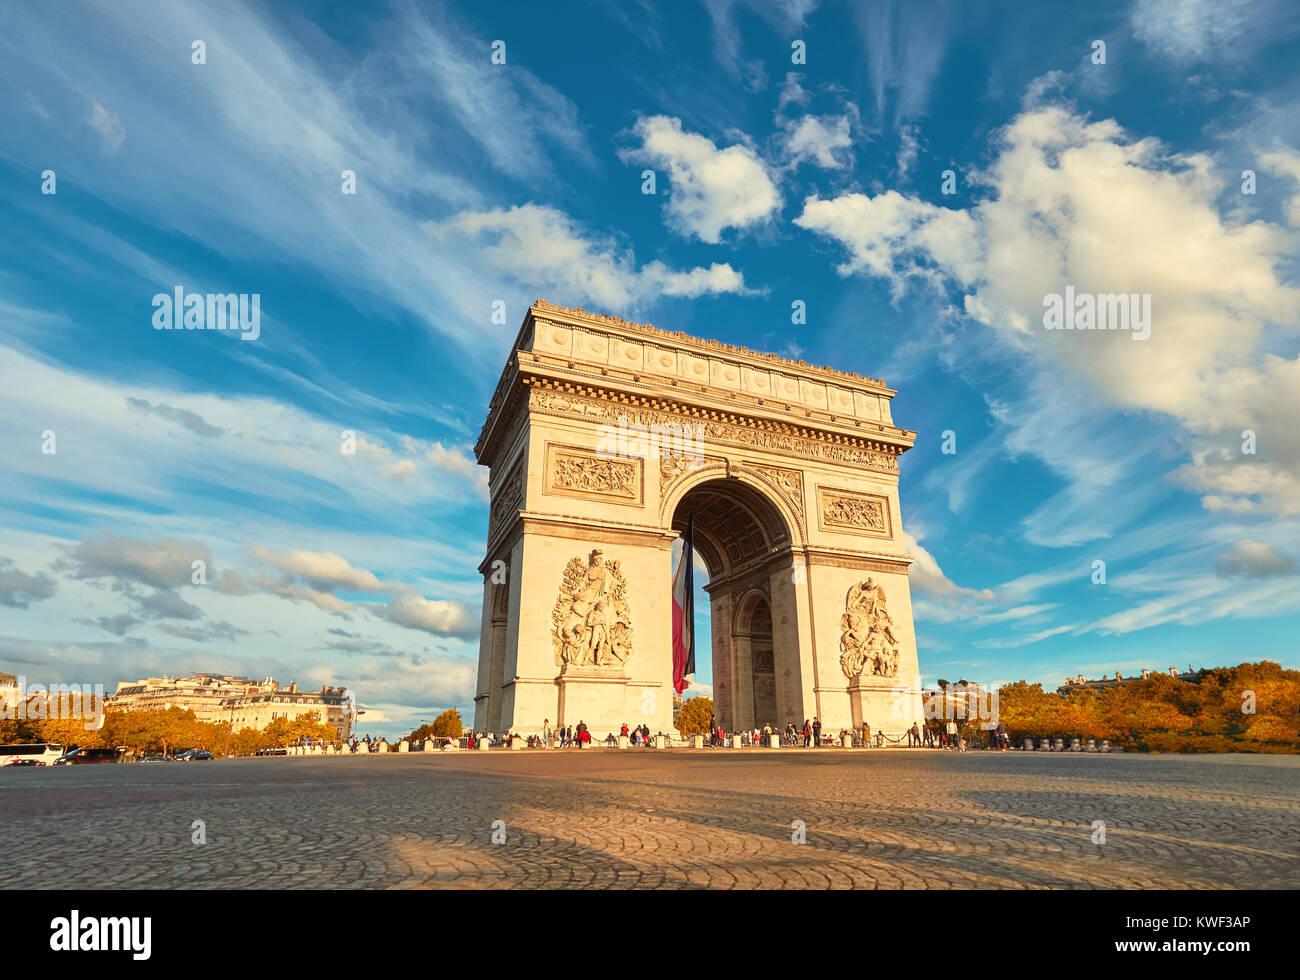 Arc de Triumph in Paris mit schönen Wolken hinter an einem strahlenden Nachmittag im Herbst. Panoramablick Stockbild